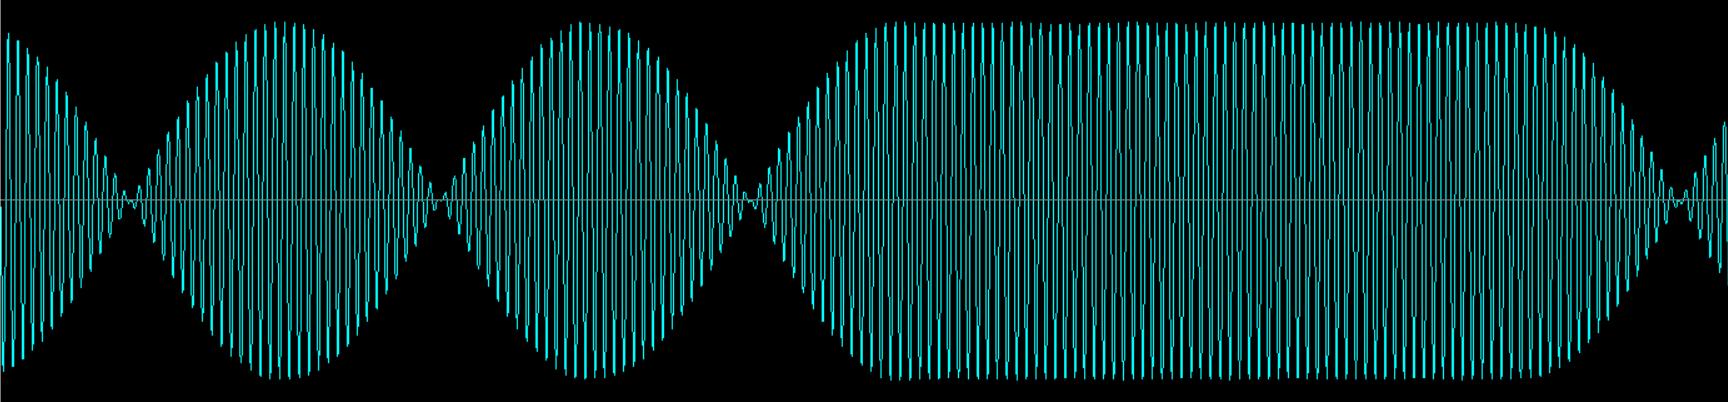 Что слышно в радиоэфире? Часть 3, радиолюбители-ham radio - 6